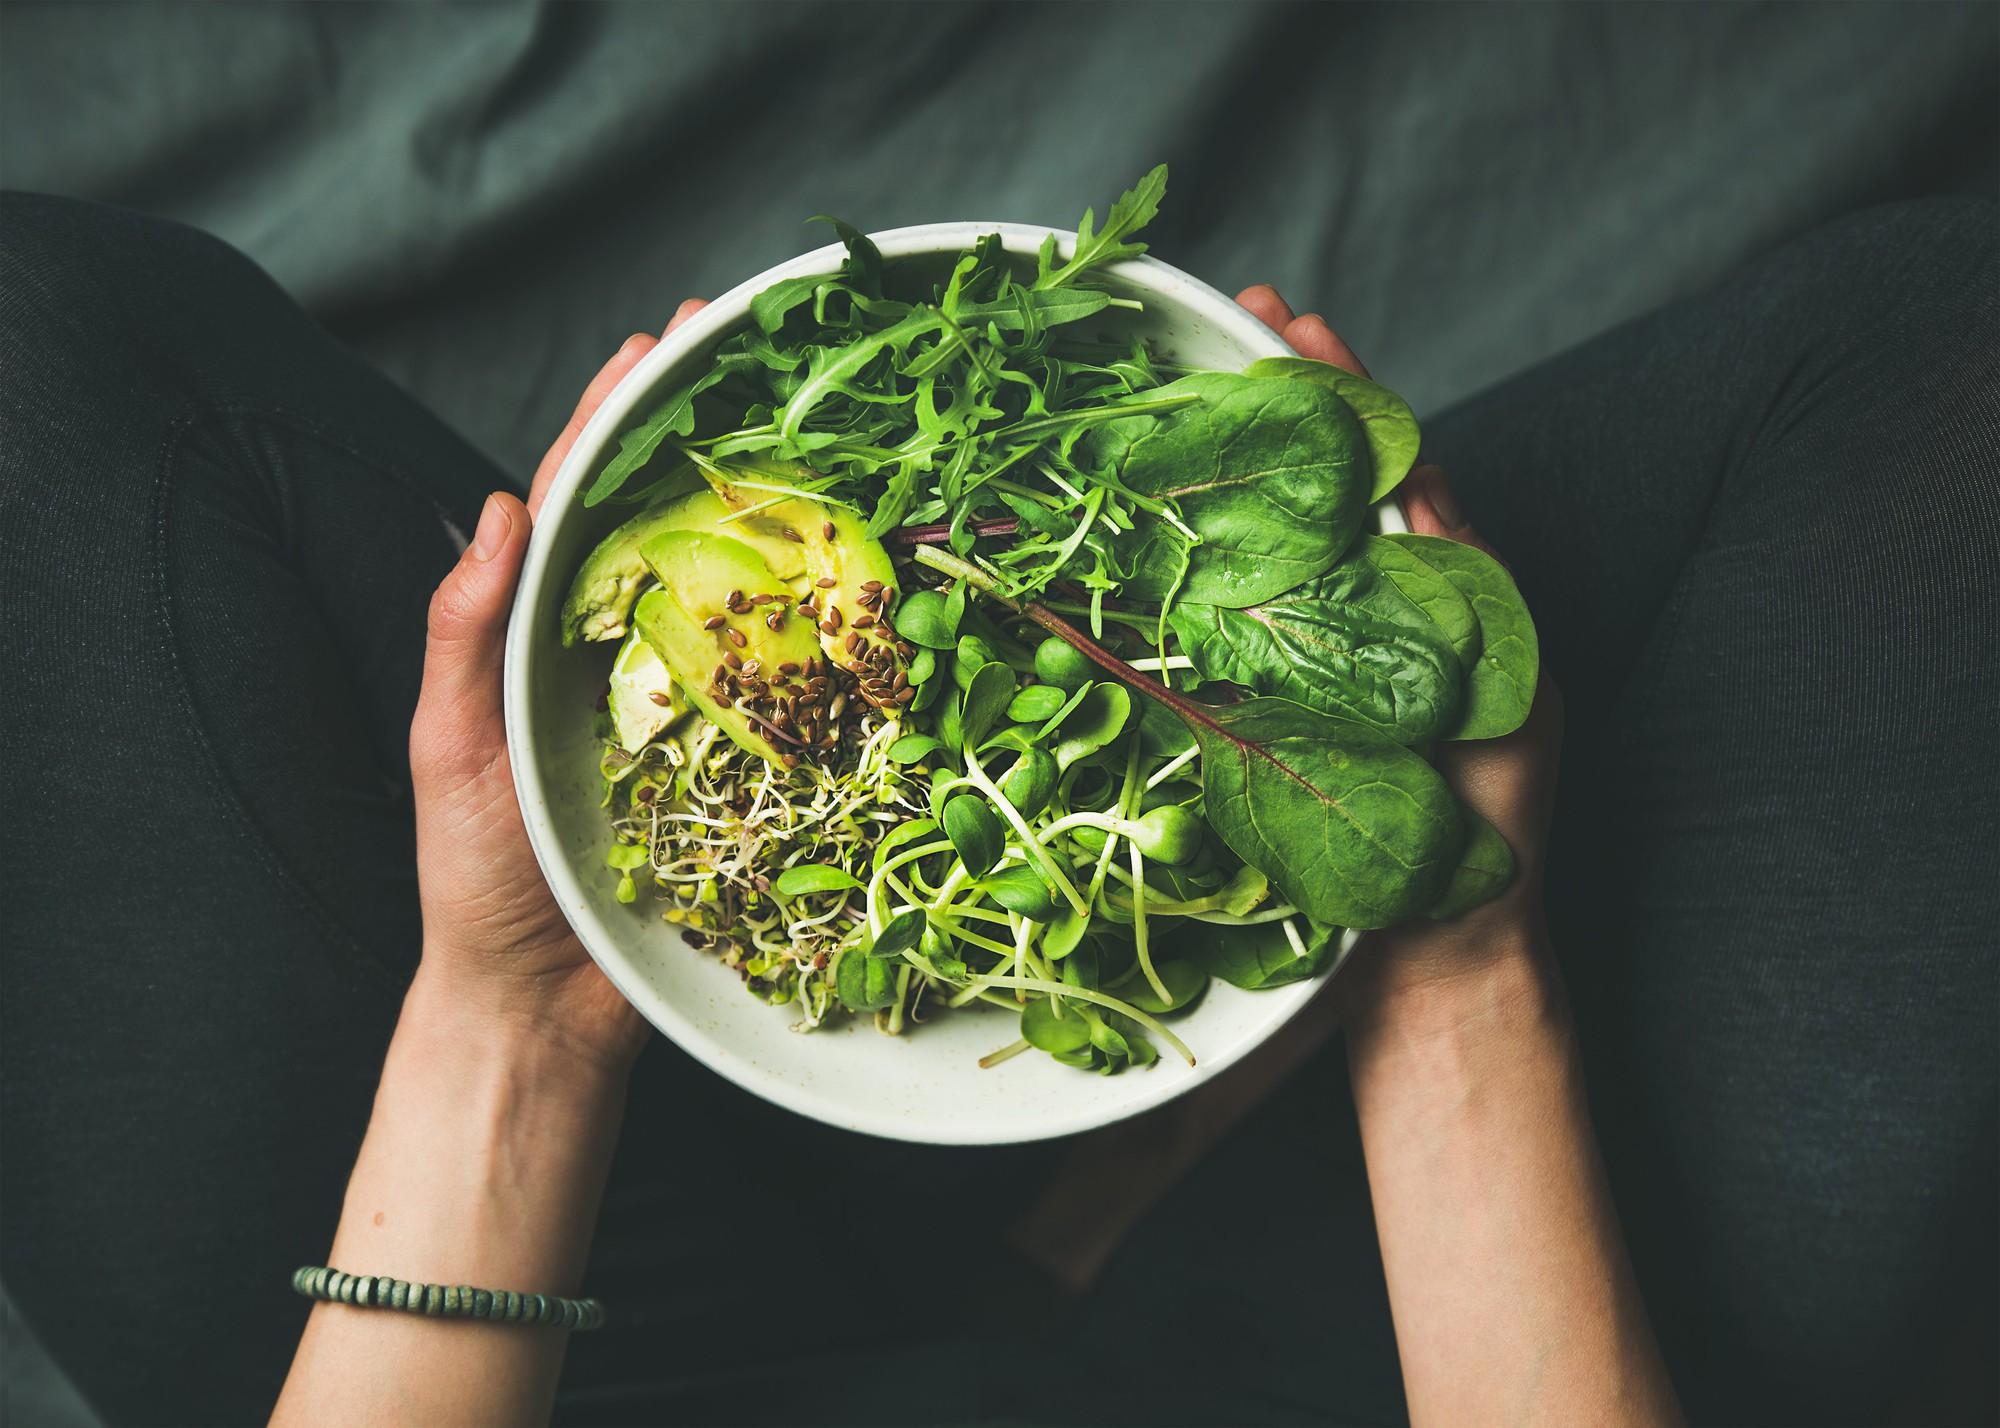 Team lười ăn rau có thể phải đối mặt với hàng loạt nguy cơ sức khỏe sau - Ảnh 5.